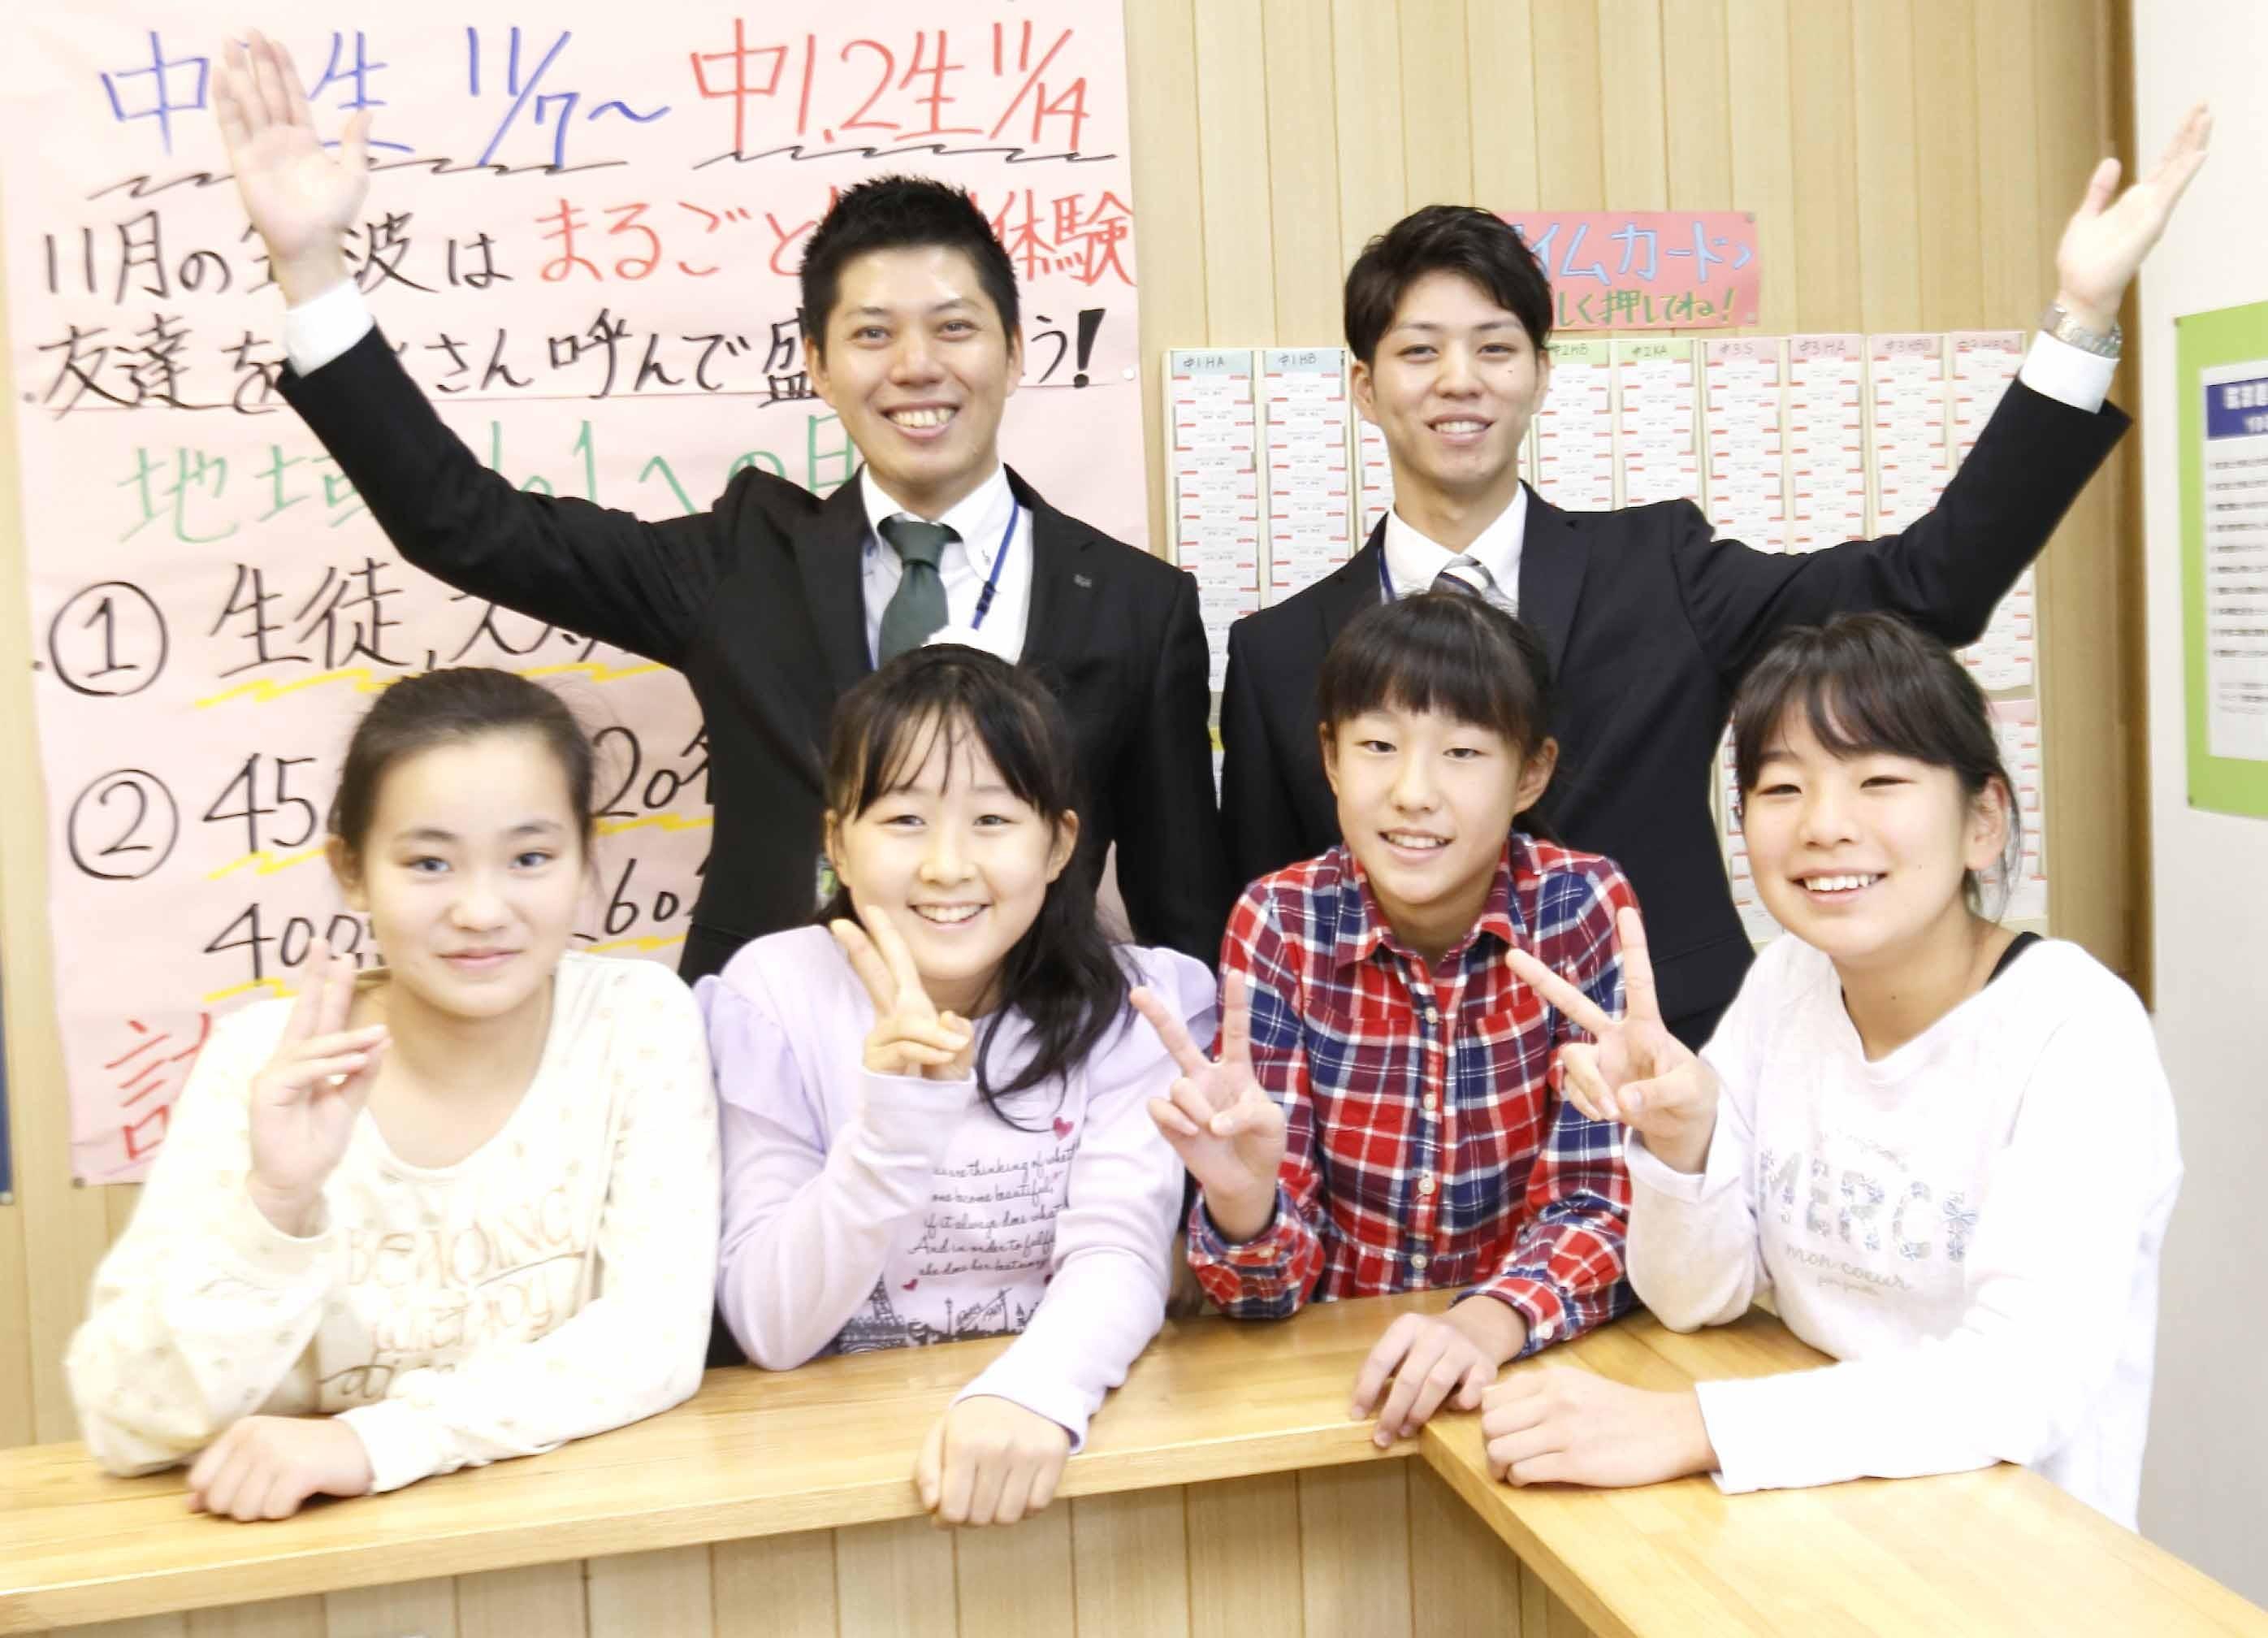 筑波進研スクール 与野本町教室のアルバイト情報